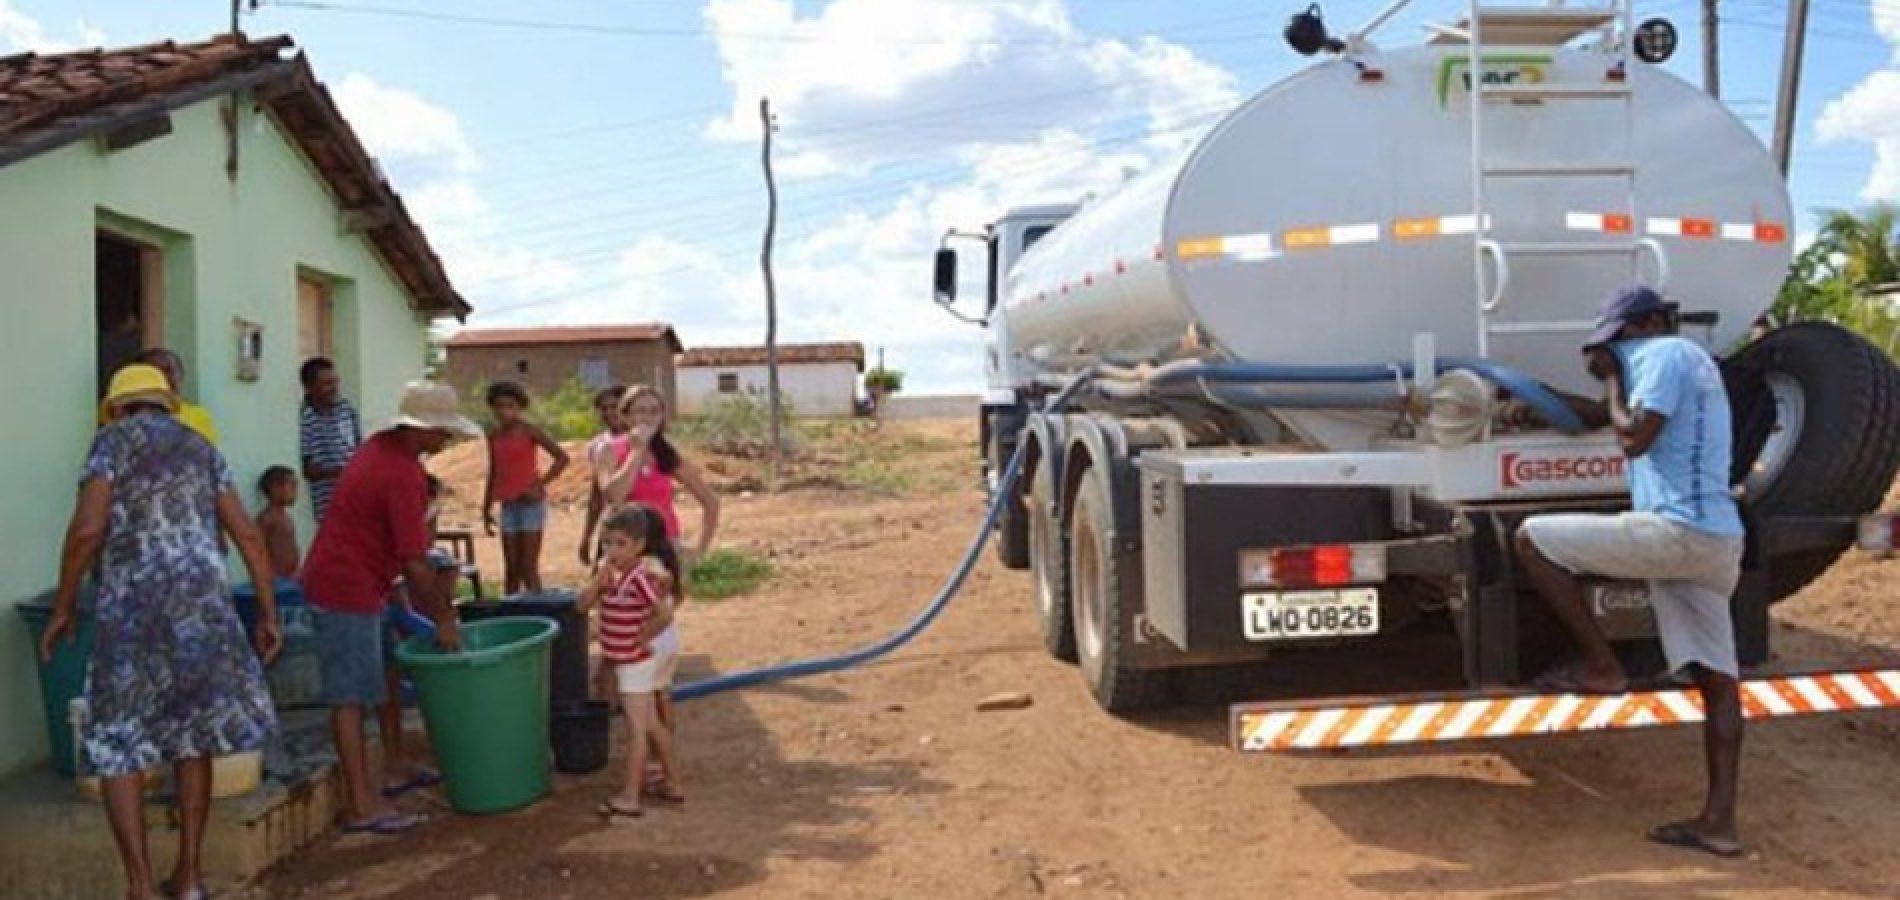 Cerca de 700 pessoas são atendidas pela Operação Carro Pipa em Picos